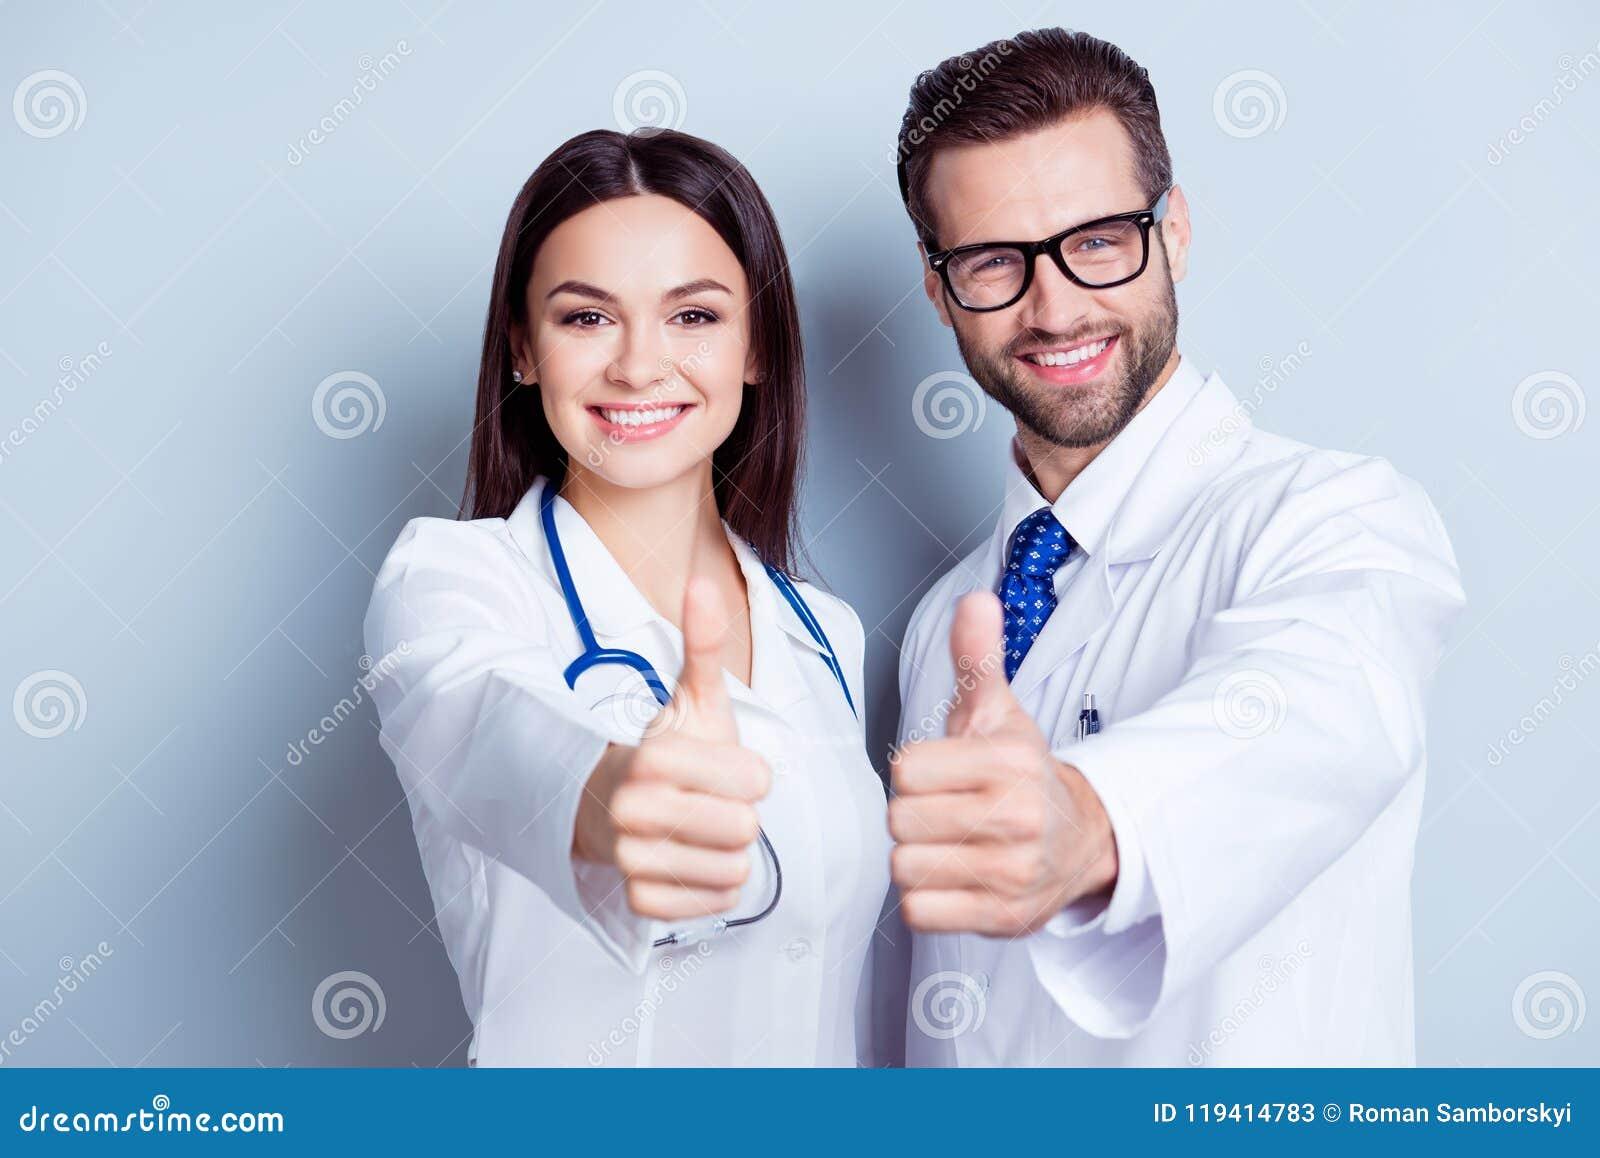 Glückliche Medizinerarbeitskräfte Porträt von zwei Doktoren in den weißen Mänteln und